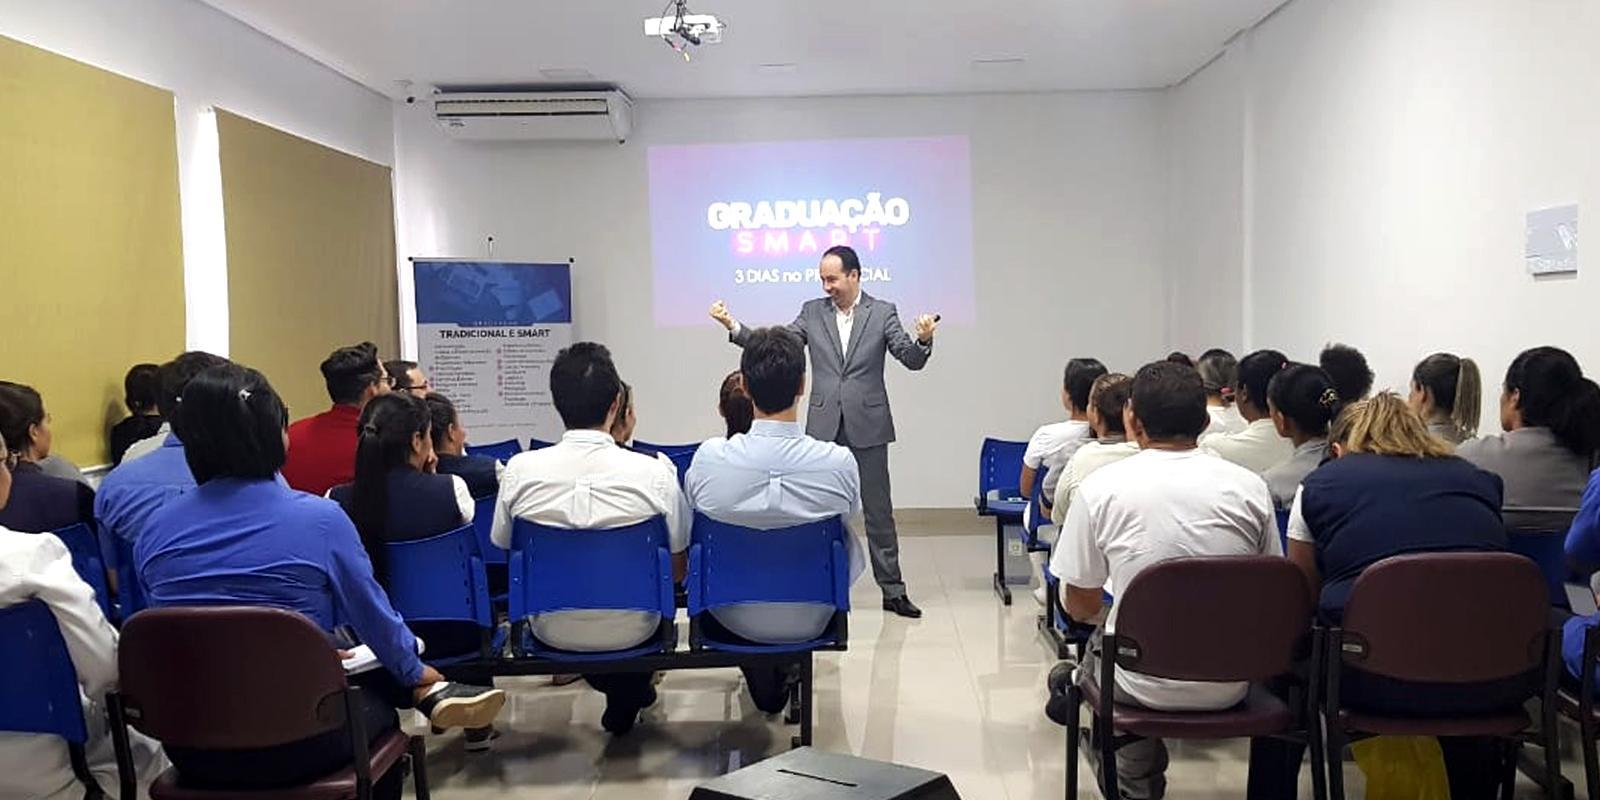 UNIFAAT Empresas firma parceria com administradora do AME Atibaia